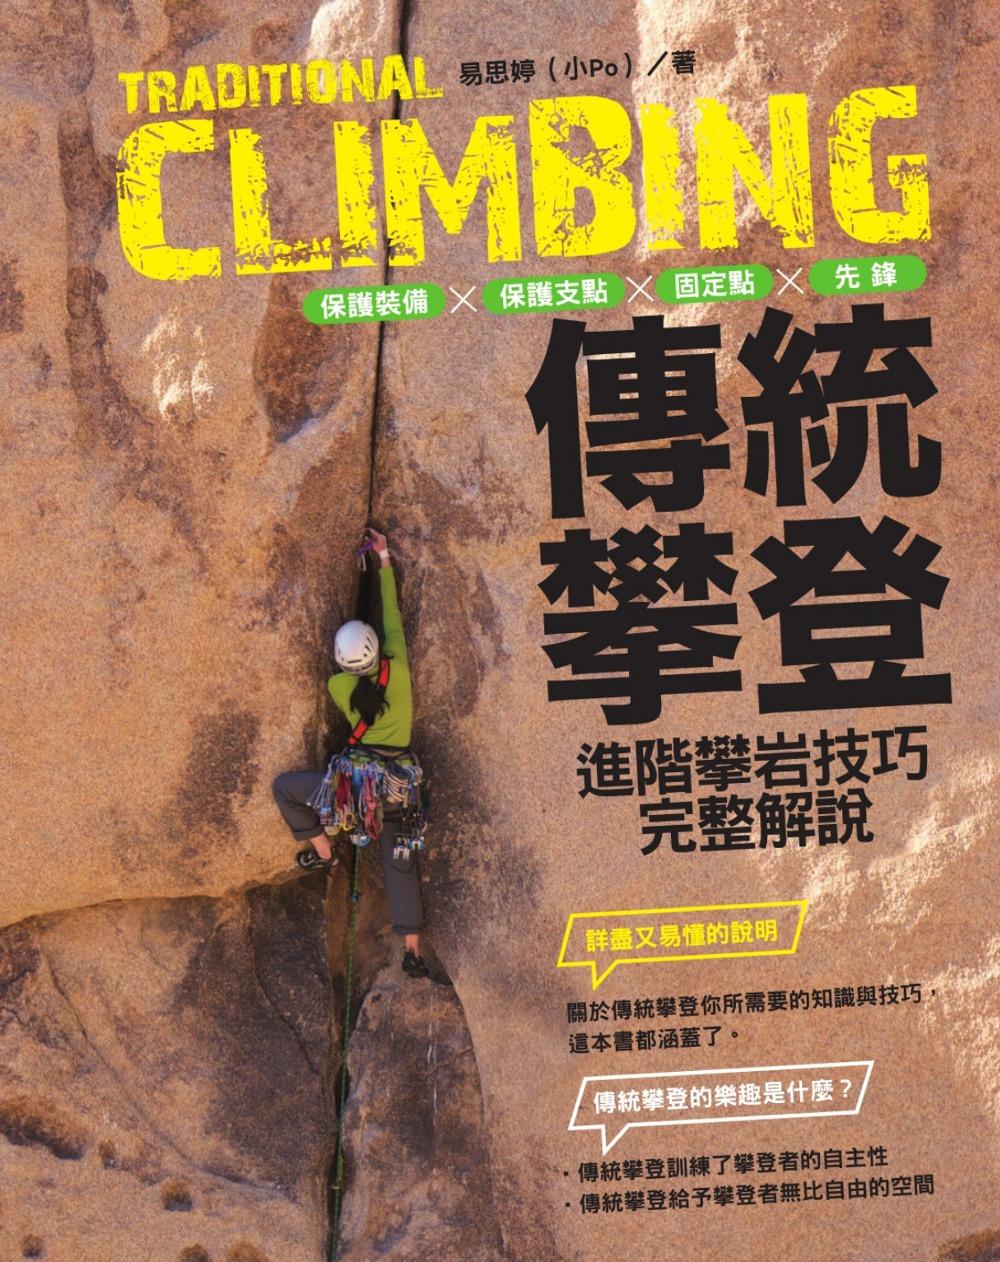 傳統攀登:保護裝備、保護支點、固定點、先鋒,進階攀岩技巧完整解說 (電子書)